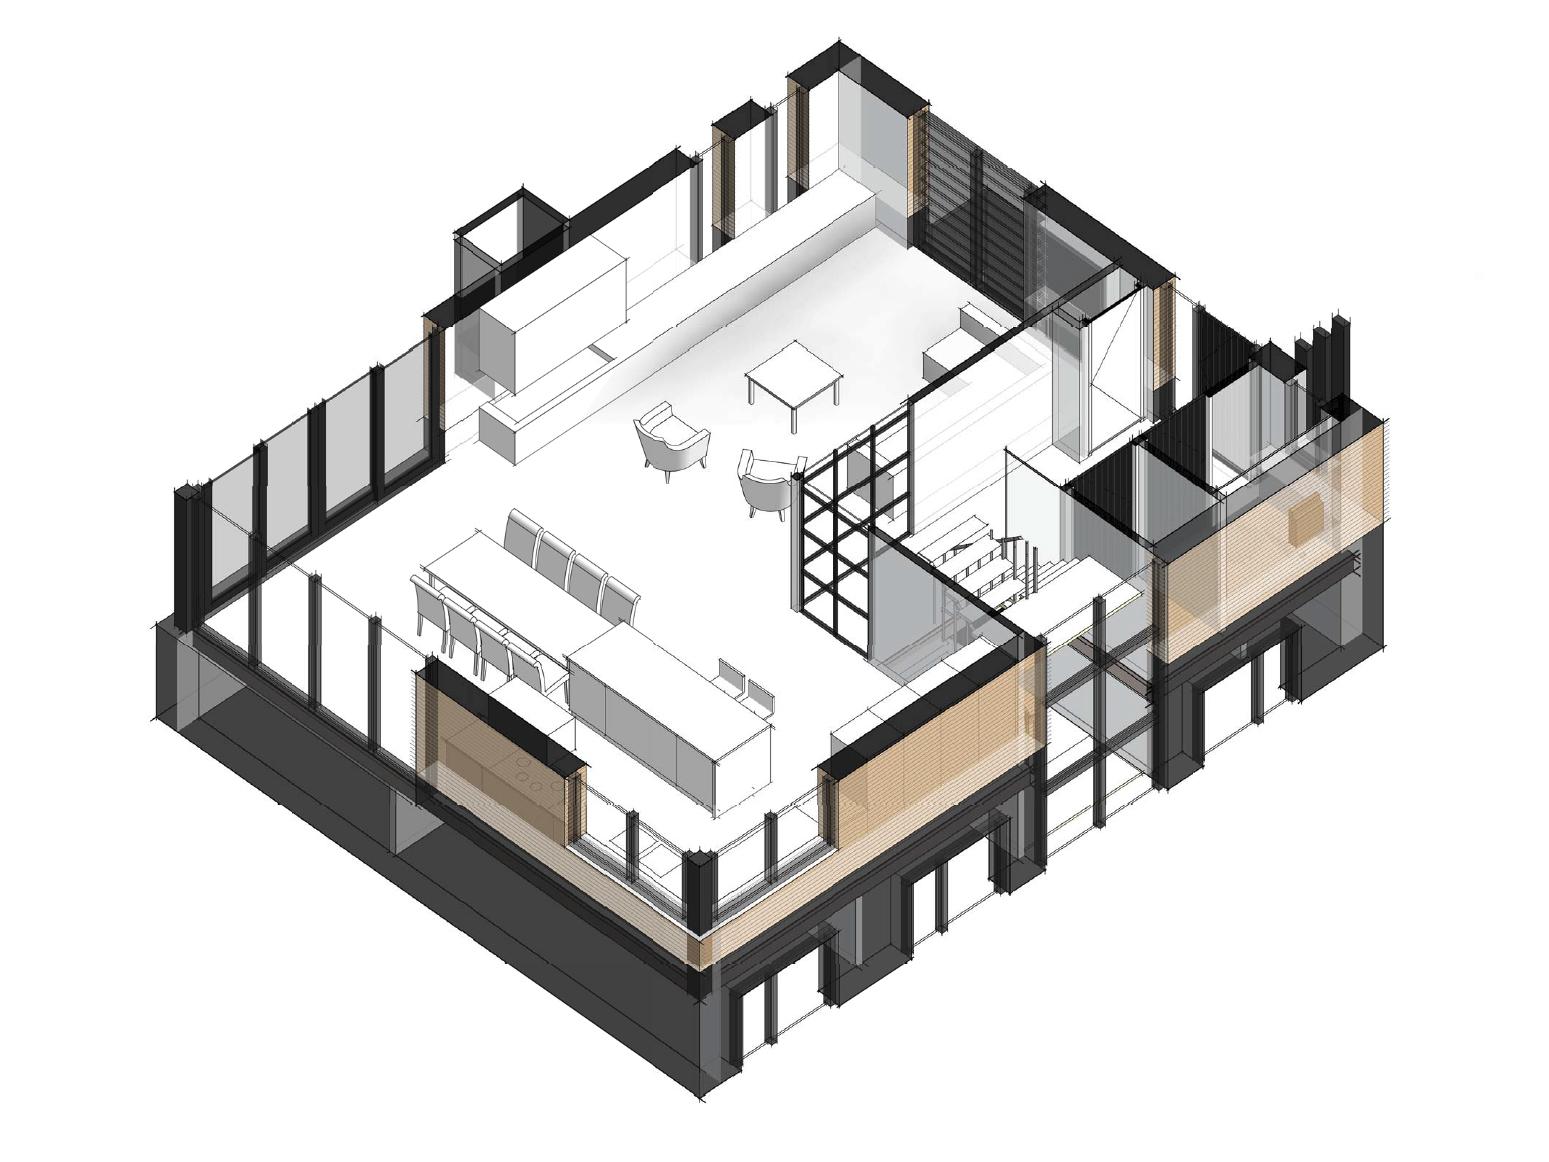 schuurwoning-vrijstaande-woning-eigentijds-vlakke-pan-donker-metselwerk-te-twello-van-oord-architectuur-en-design-architect-voorst-architect-apeldoorn-4